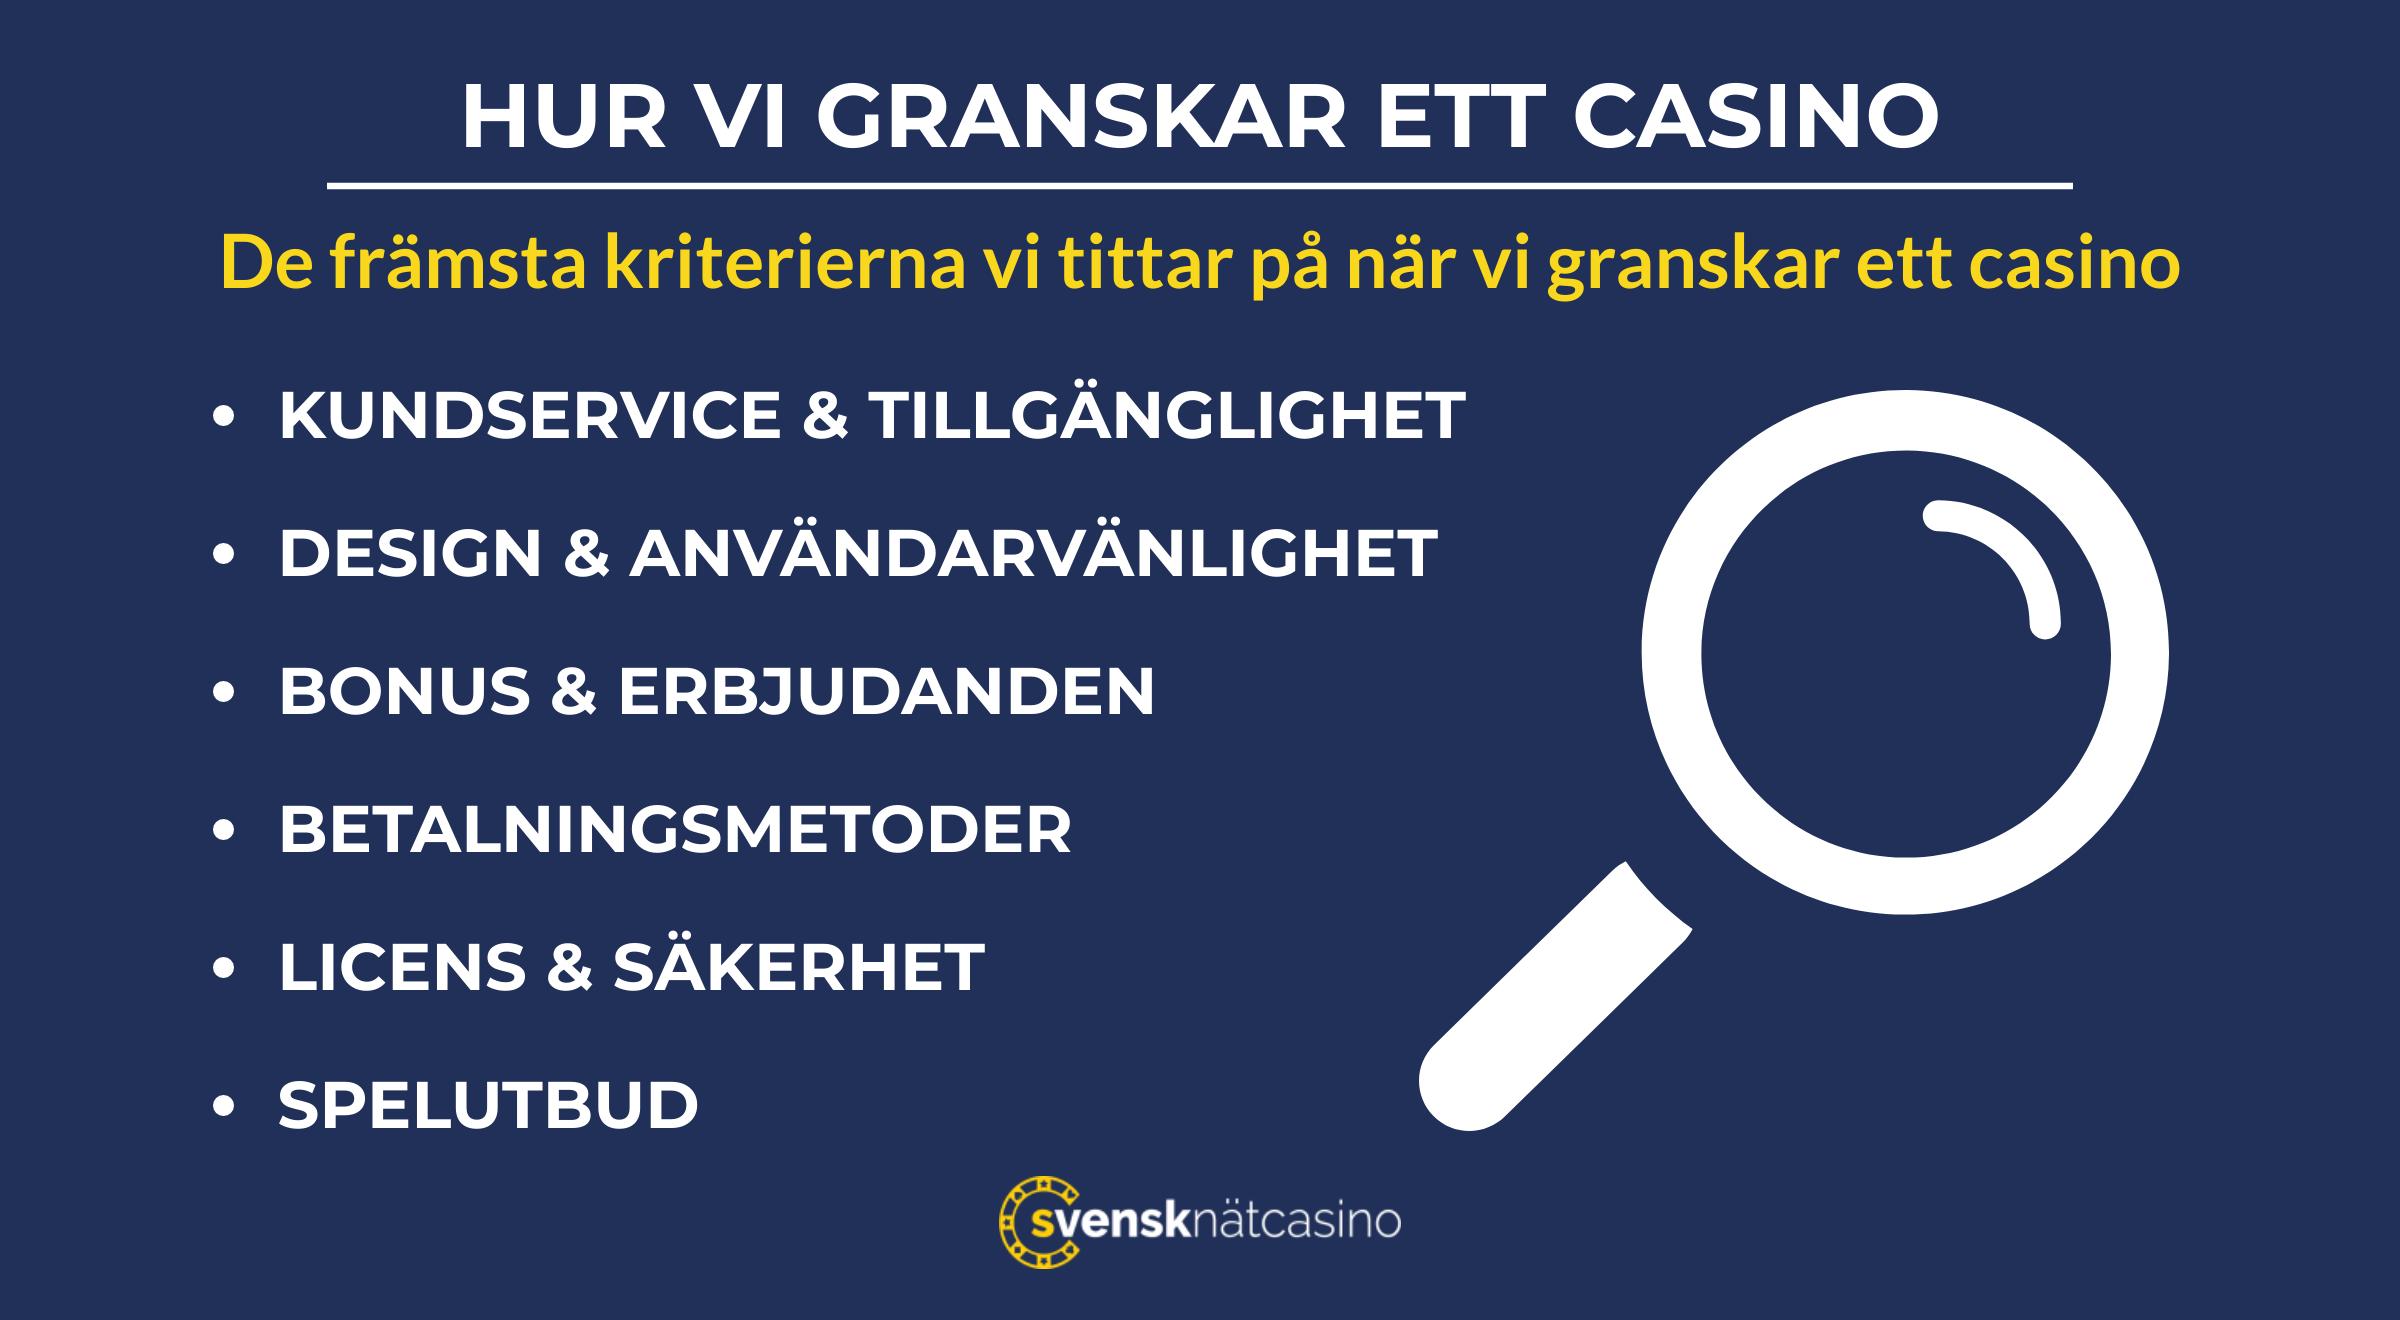 granskningskriterier casino svensknatcasino se